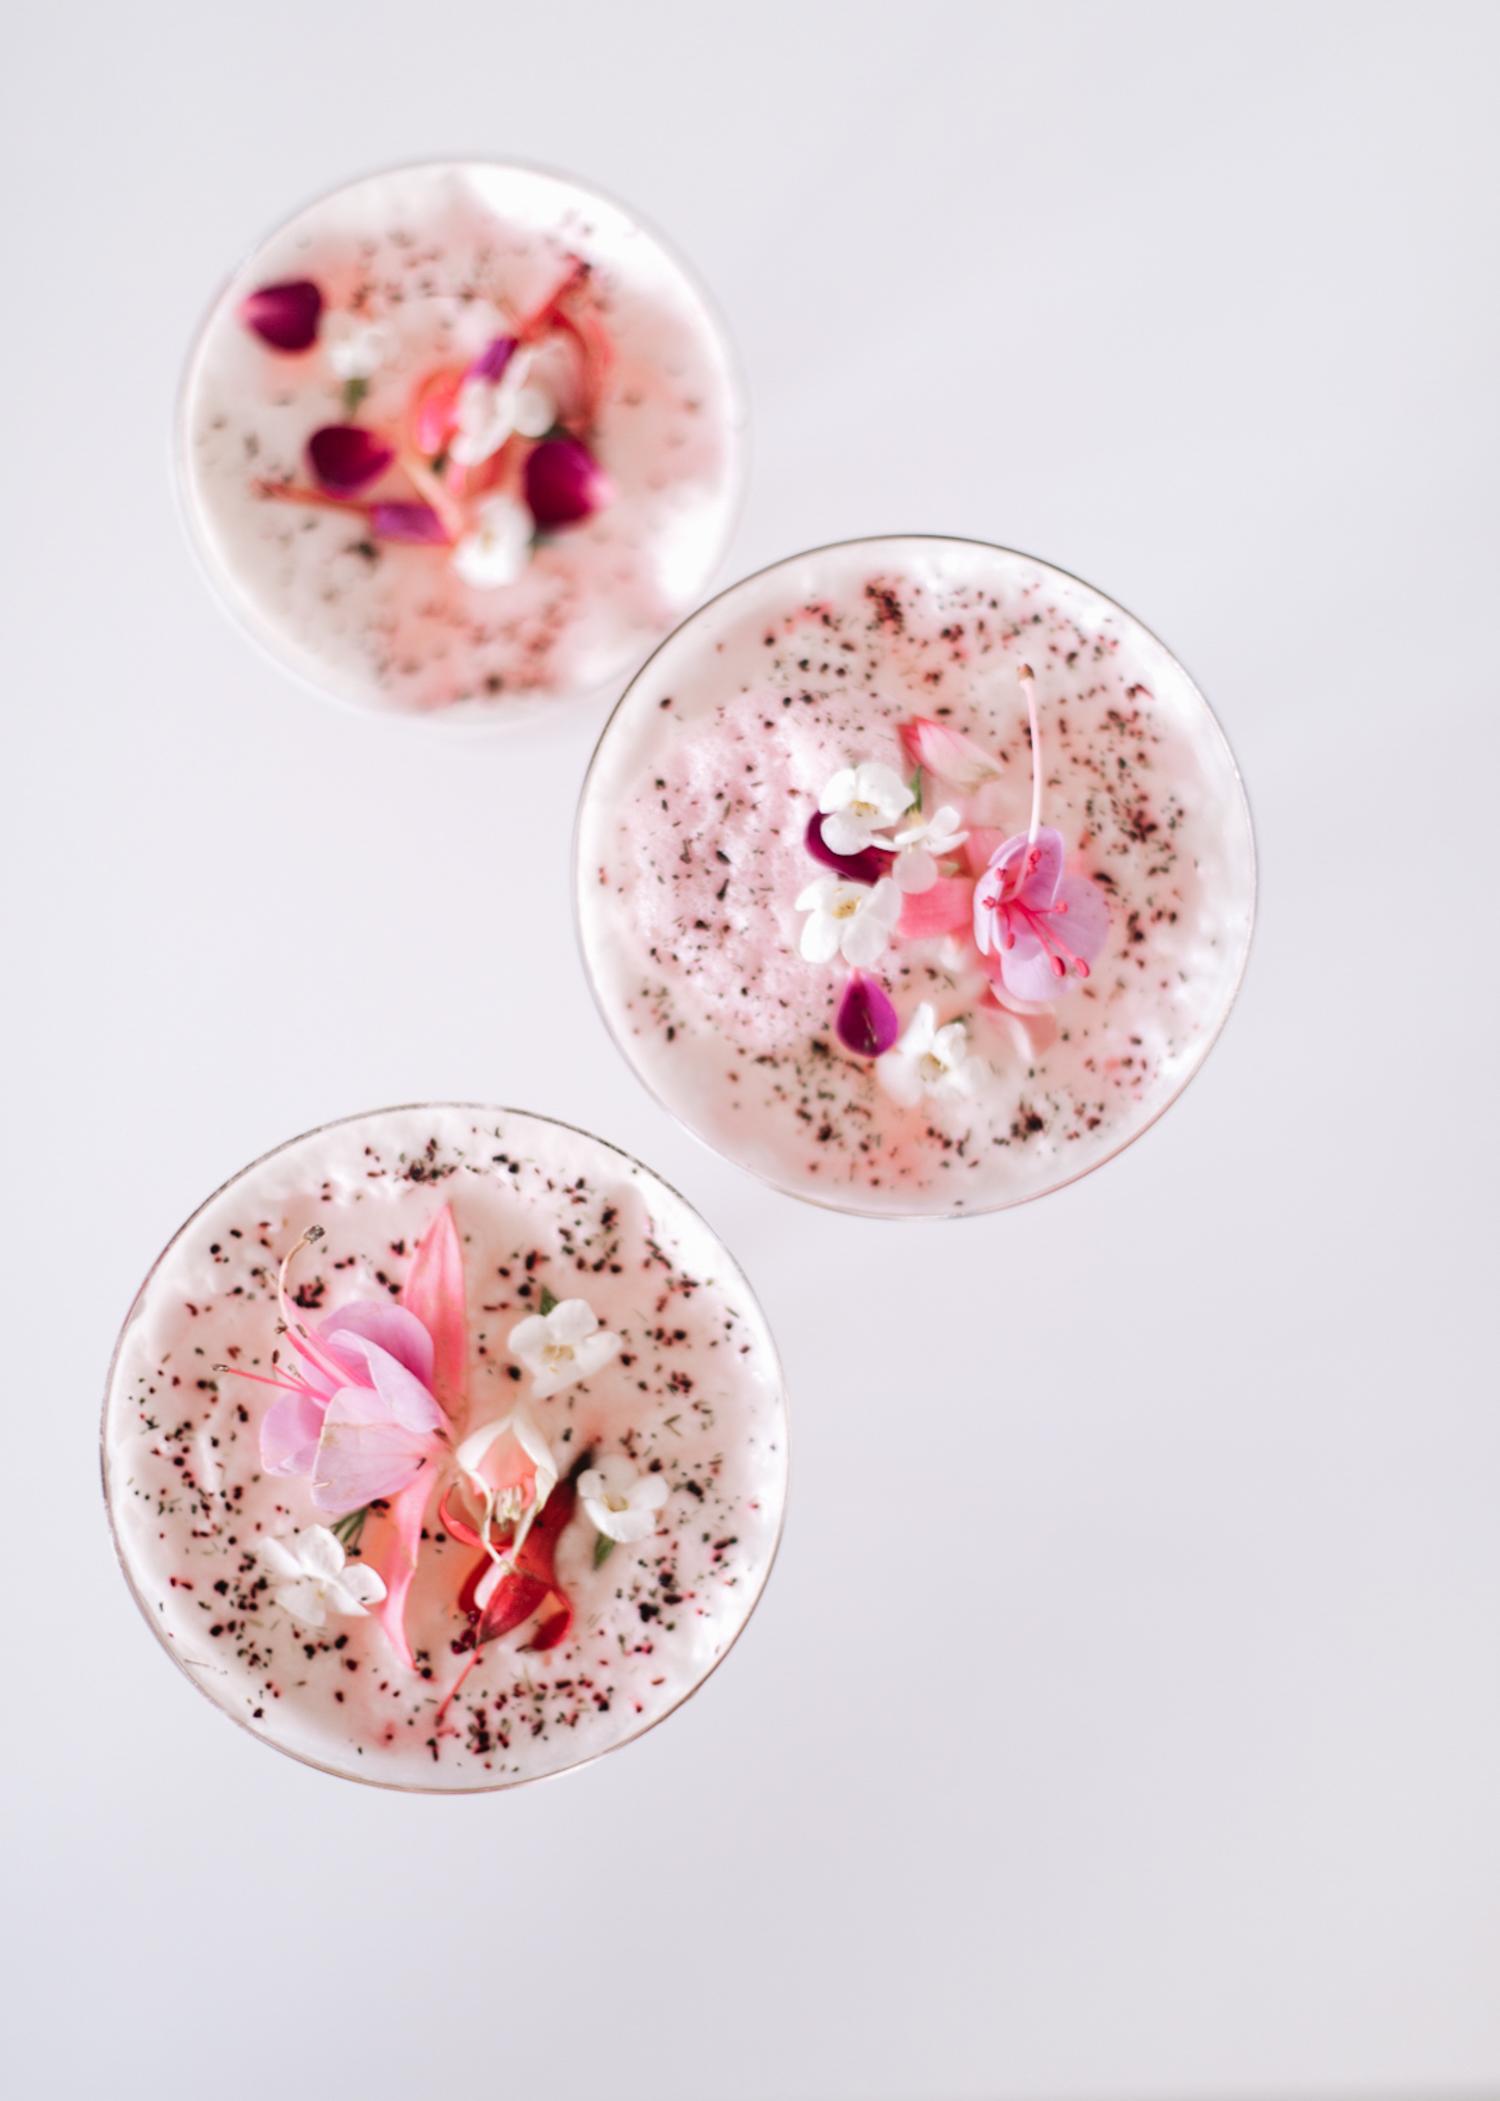 Lavender Rosewater Spritzer | A Fabulous Fete